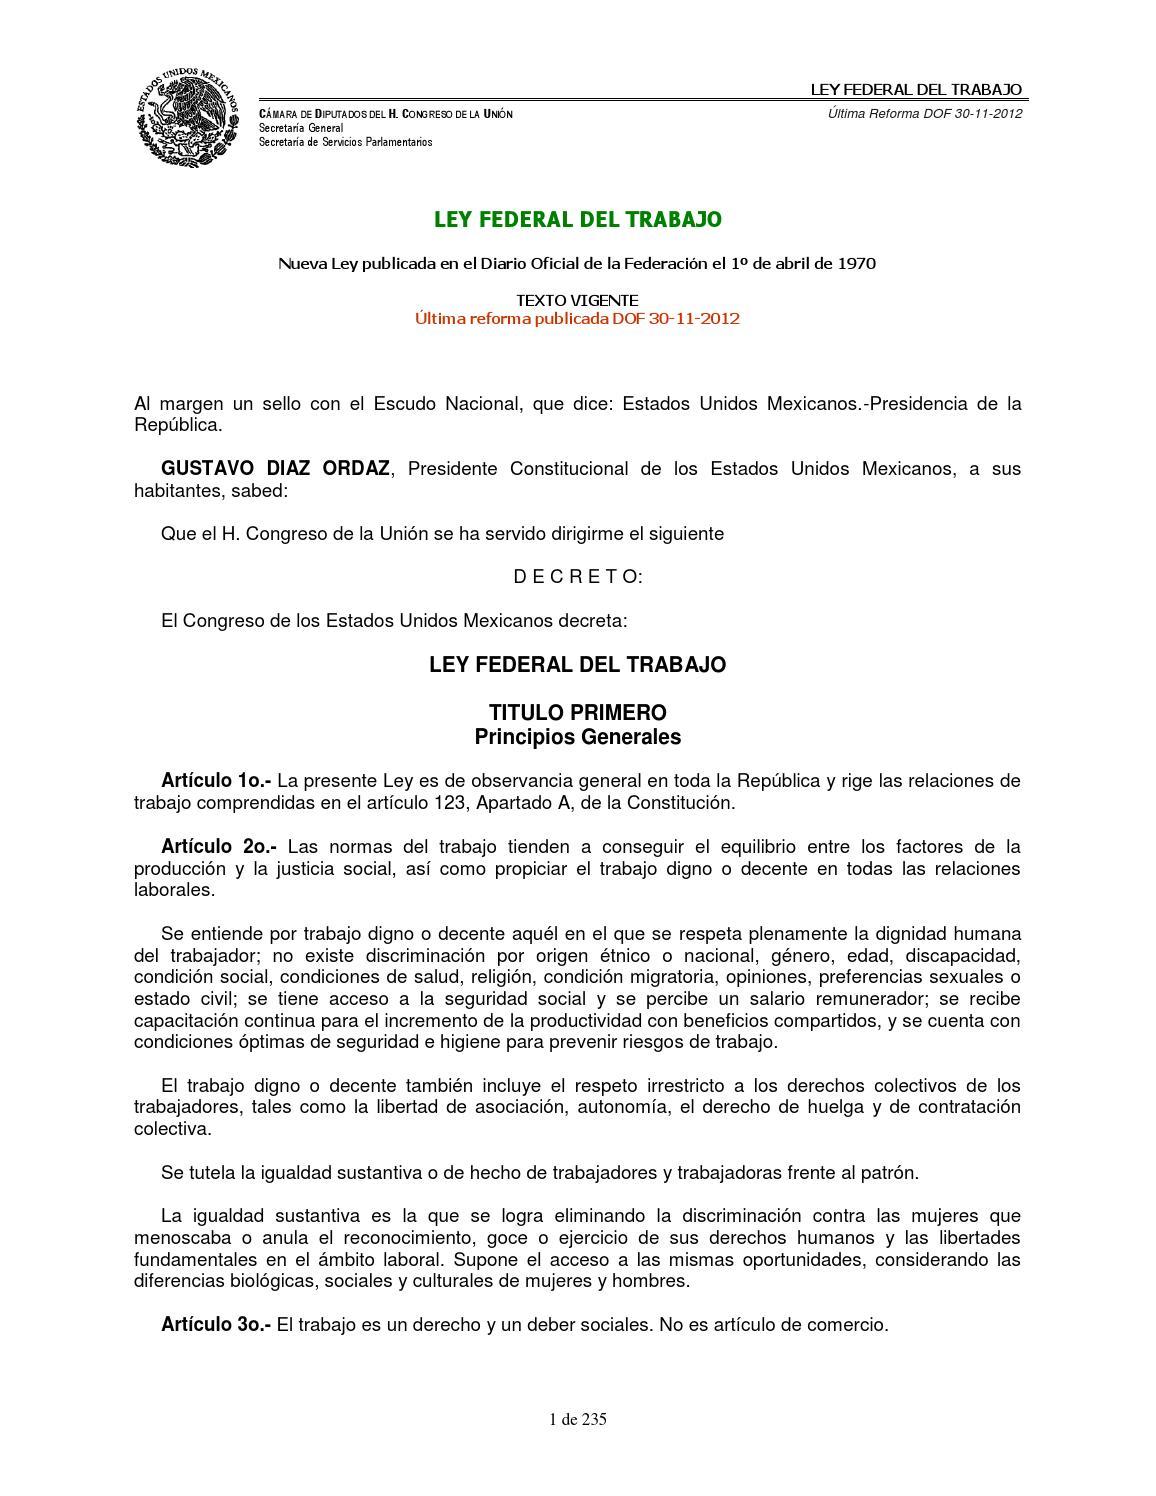 Ley federal del trabajo by FAKTO - issuu